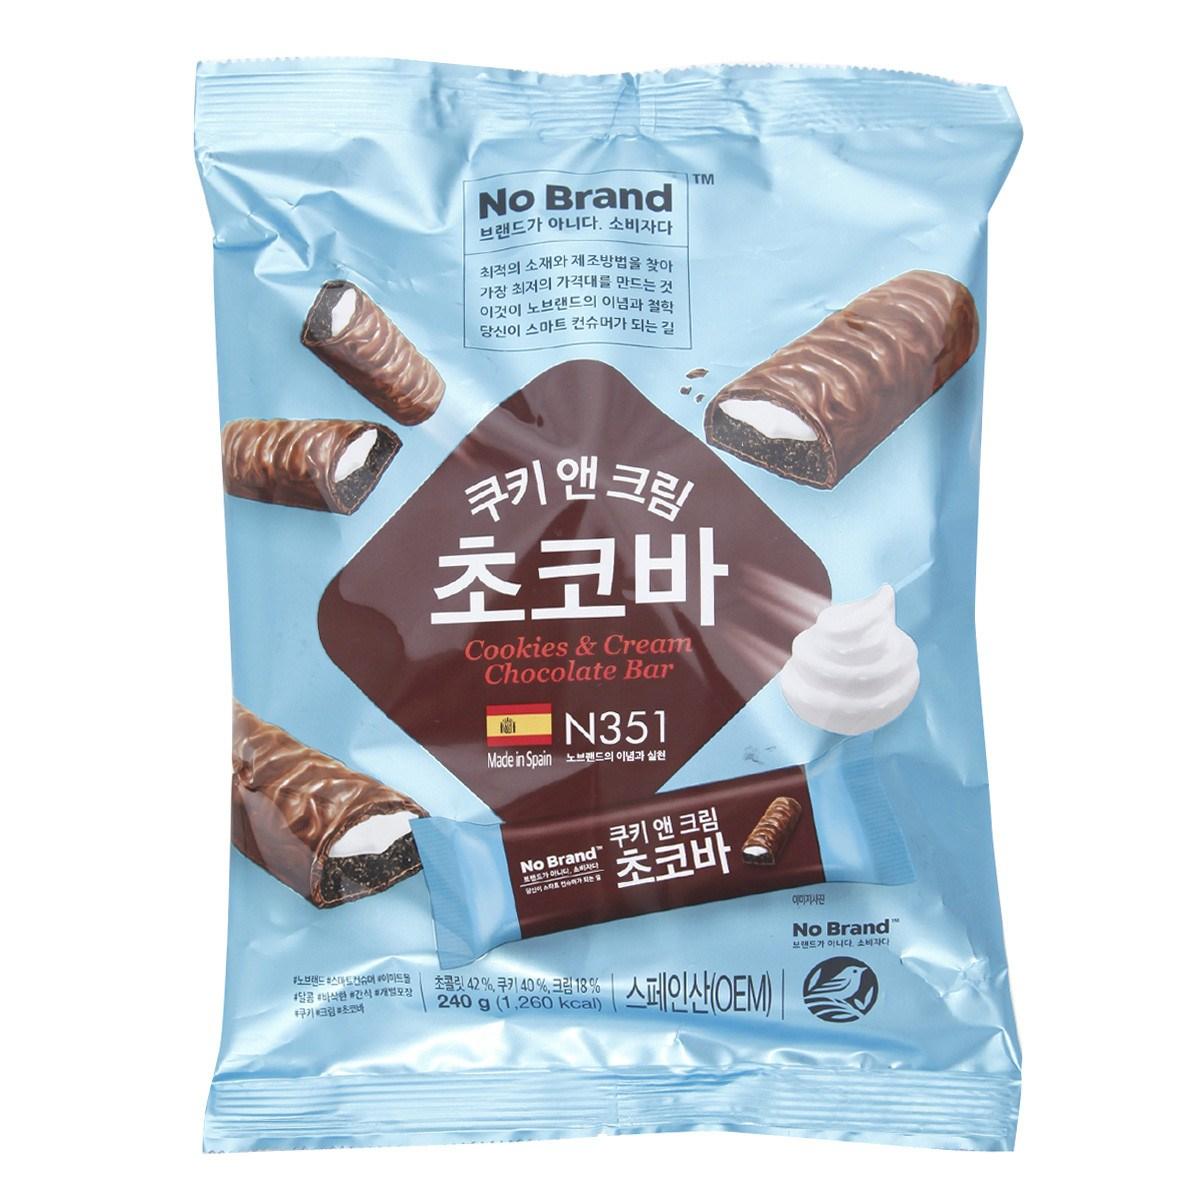 노브랜드 [노브랜드]쿠키앤크림초콜릿바240gx2, 단일상품